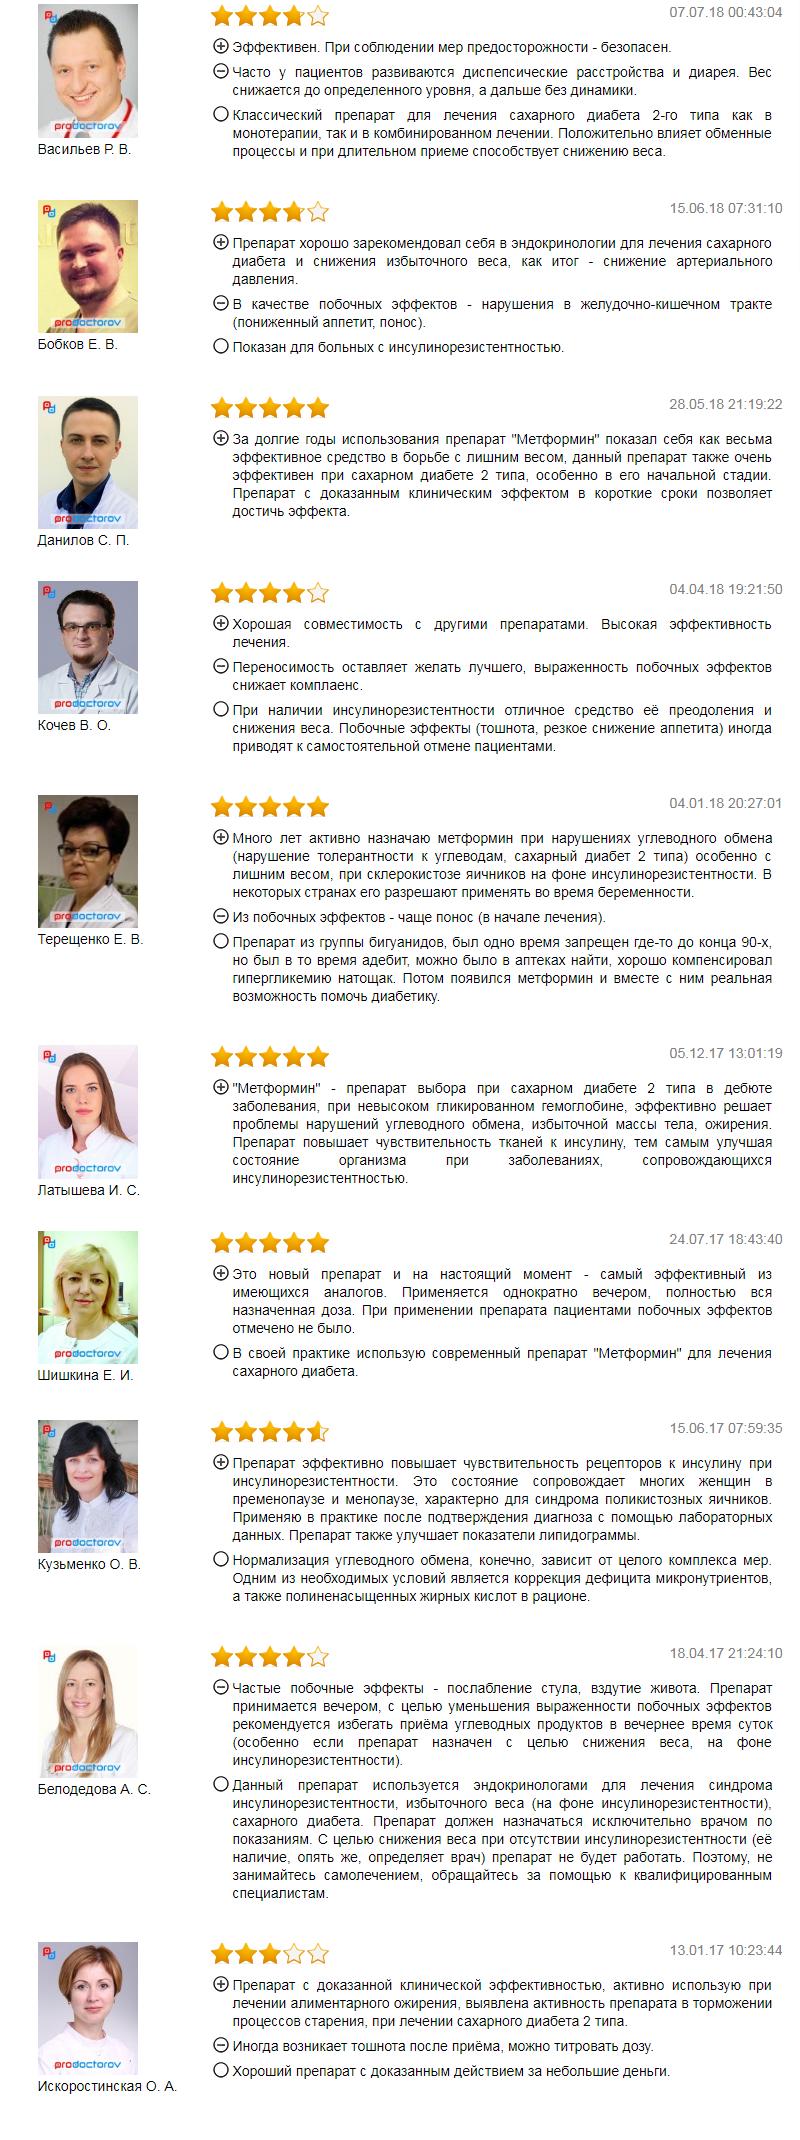 Отзывы врачей о метформине